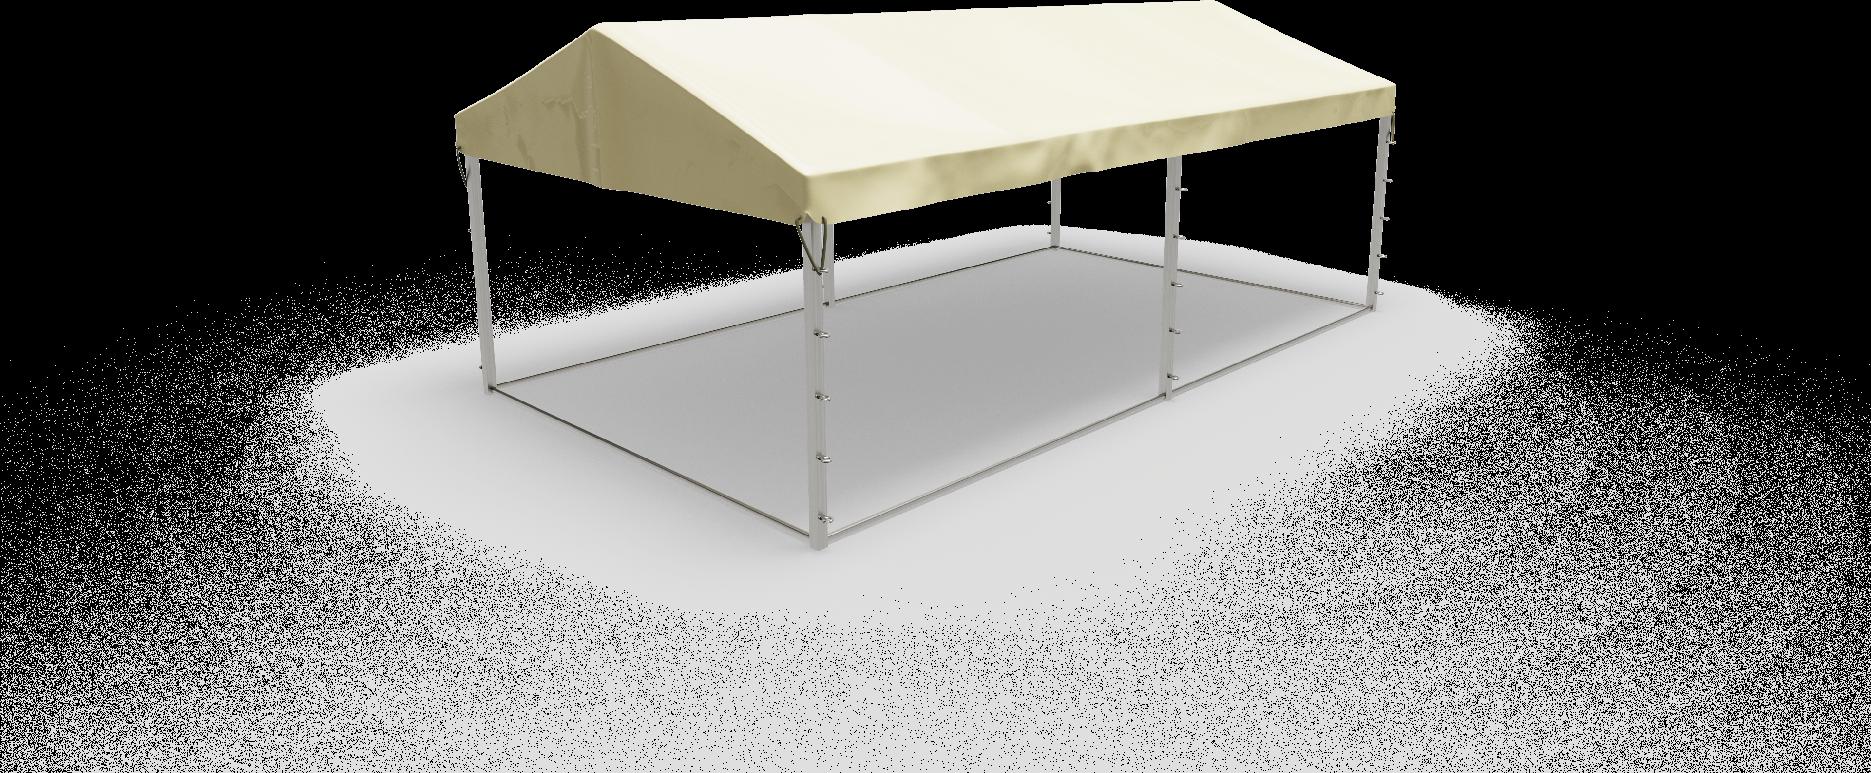 Zadaszenie z plandeki ecru, dach, plandeka na dach